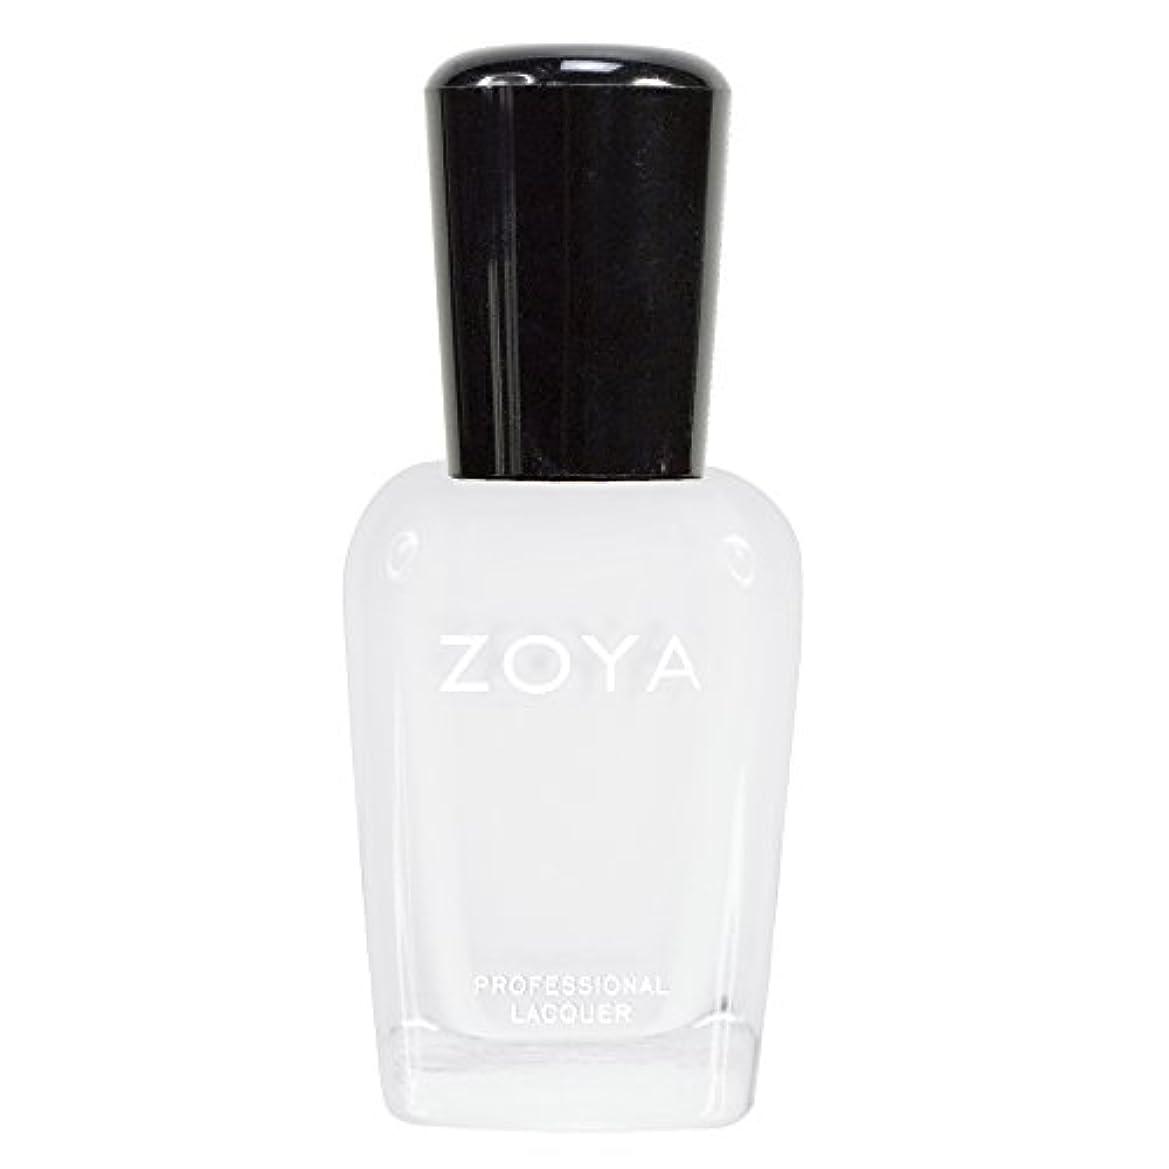 ノーブル報酬の企業ZOYA ゾーヤ ネイルカラーZP388 PURITY ピュリティ  15ml ホワイト マット 爪にやさしいネイルラッカーマニキュア